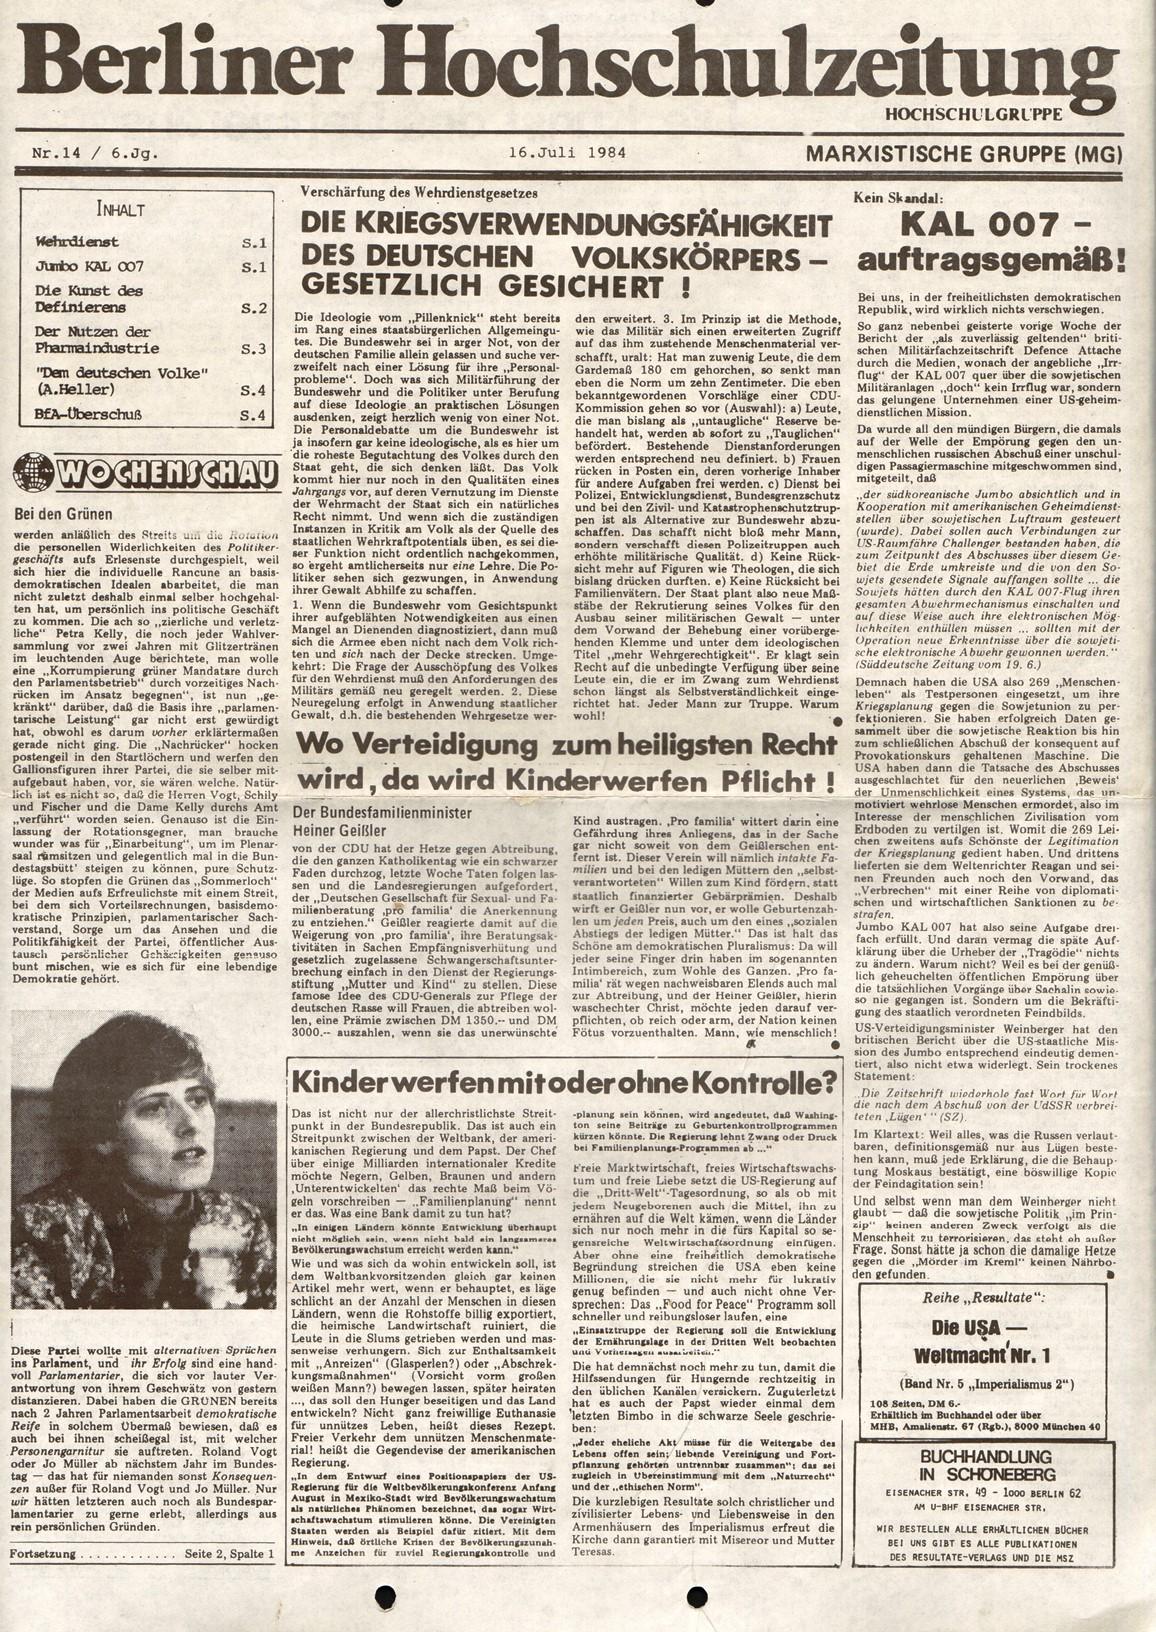 Berlin_MG_Hochschulzeitung_19840716_01